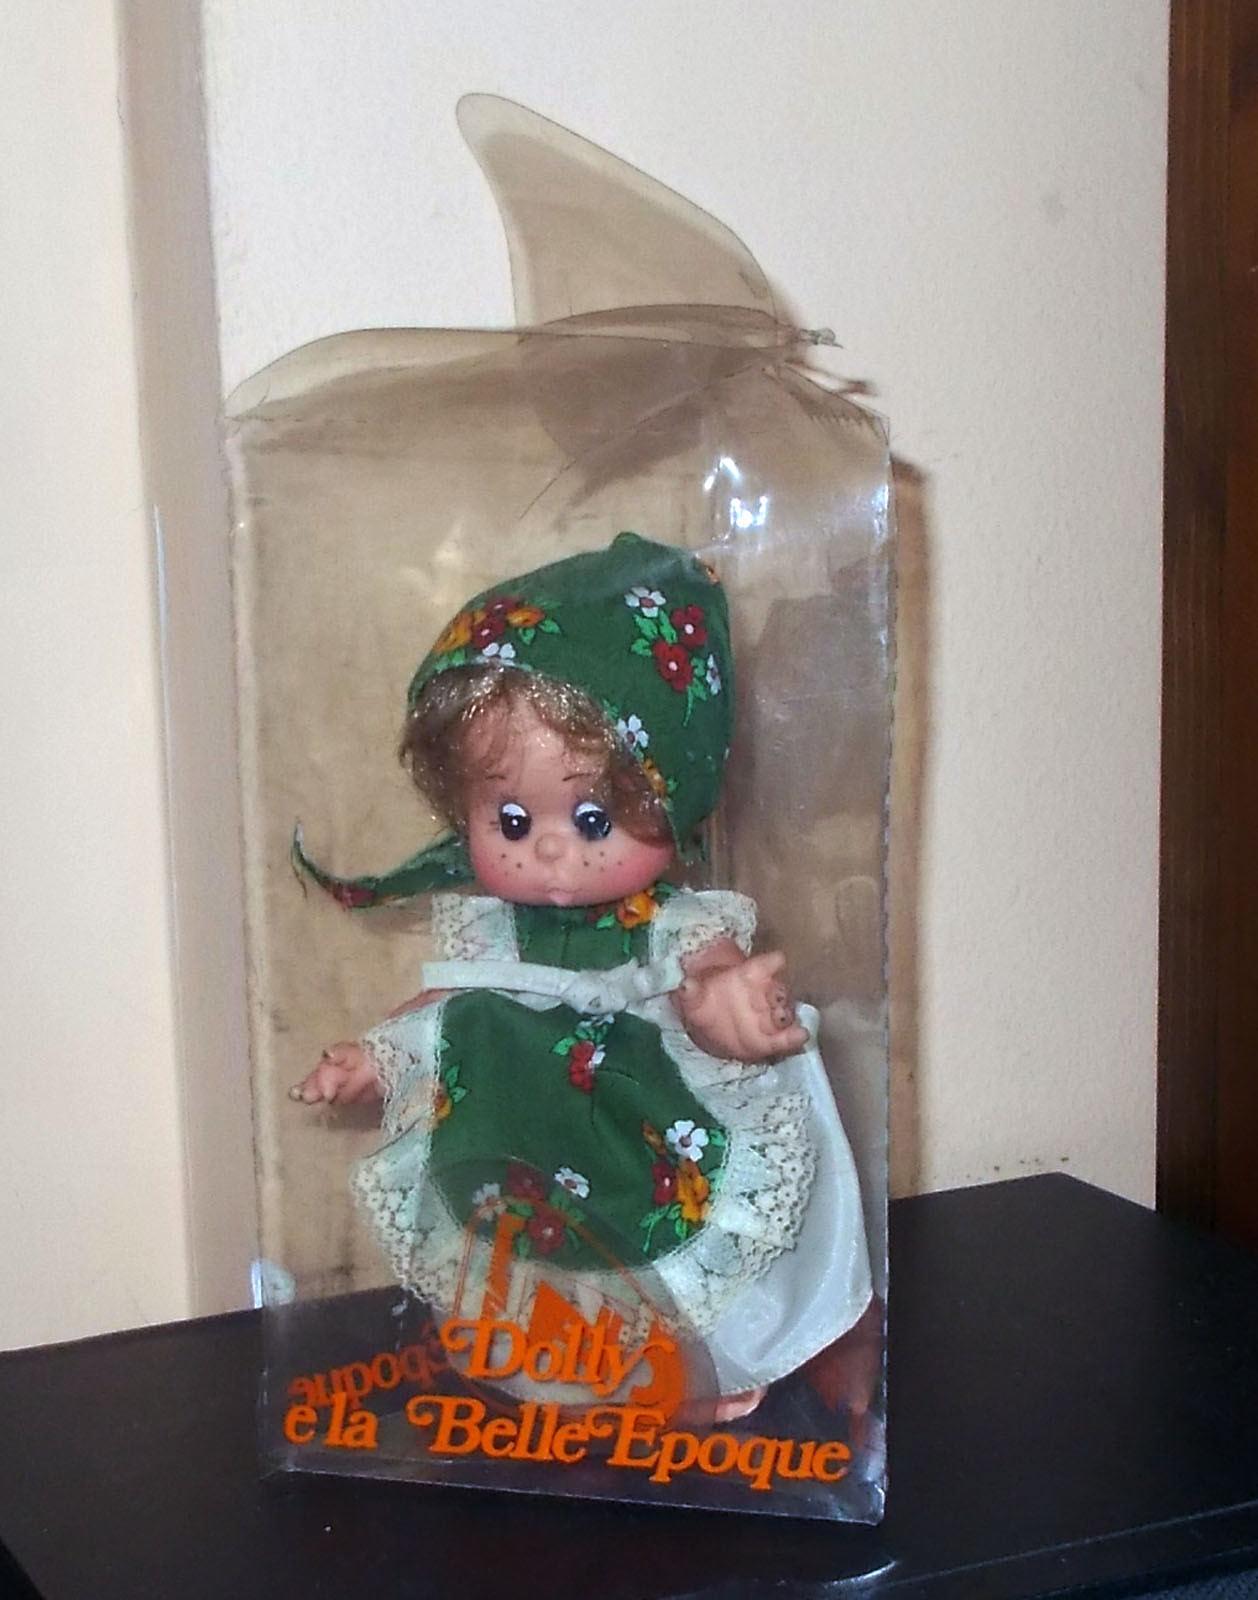 Bambola DOLLY E LA BELLE EPOQUE Zanini Zanini Zanini & Zambelli 1975 Doll 18 cm verde eeb515